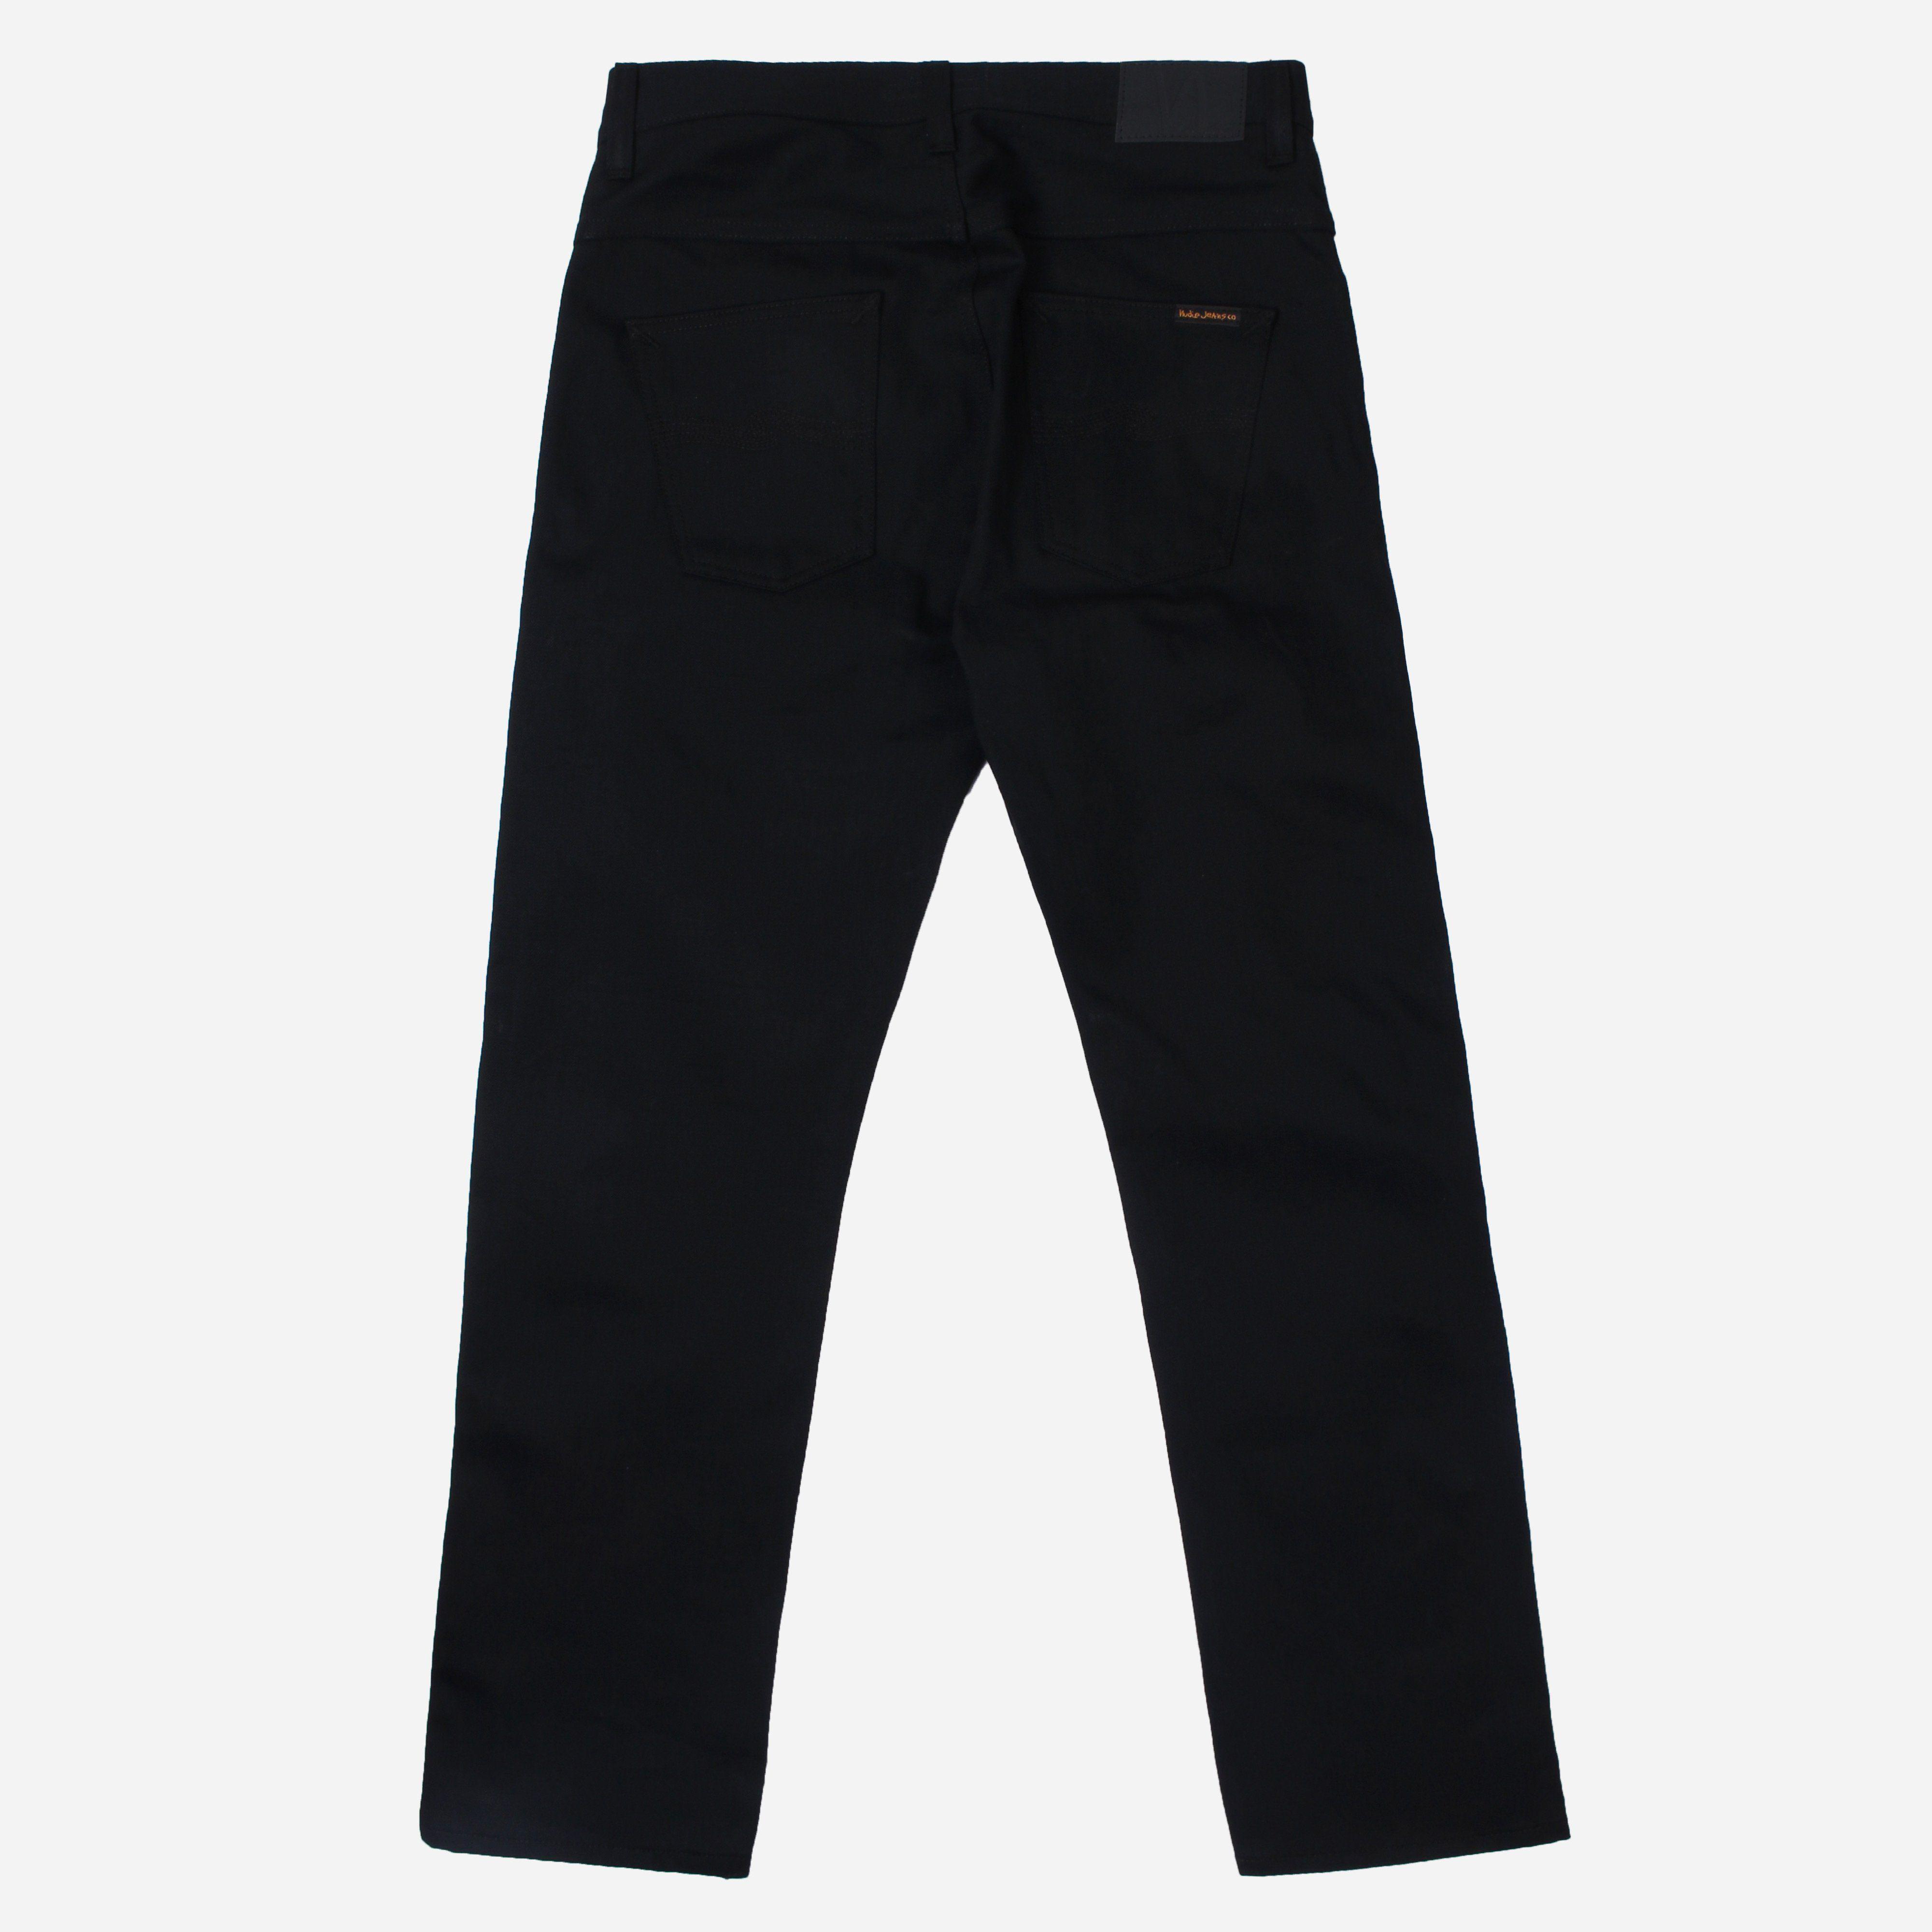 Nudie Jeans Co. Sleepy Sixten Dry Selvage Jean